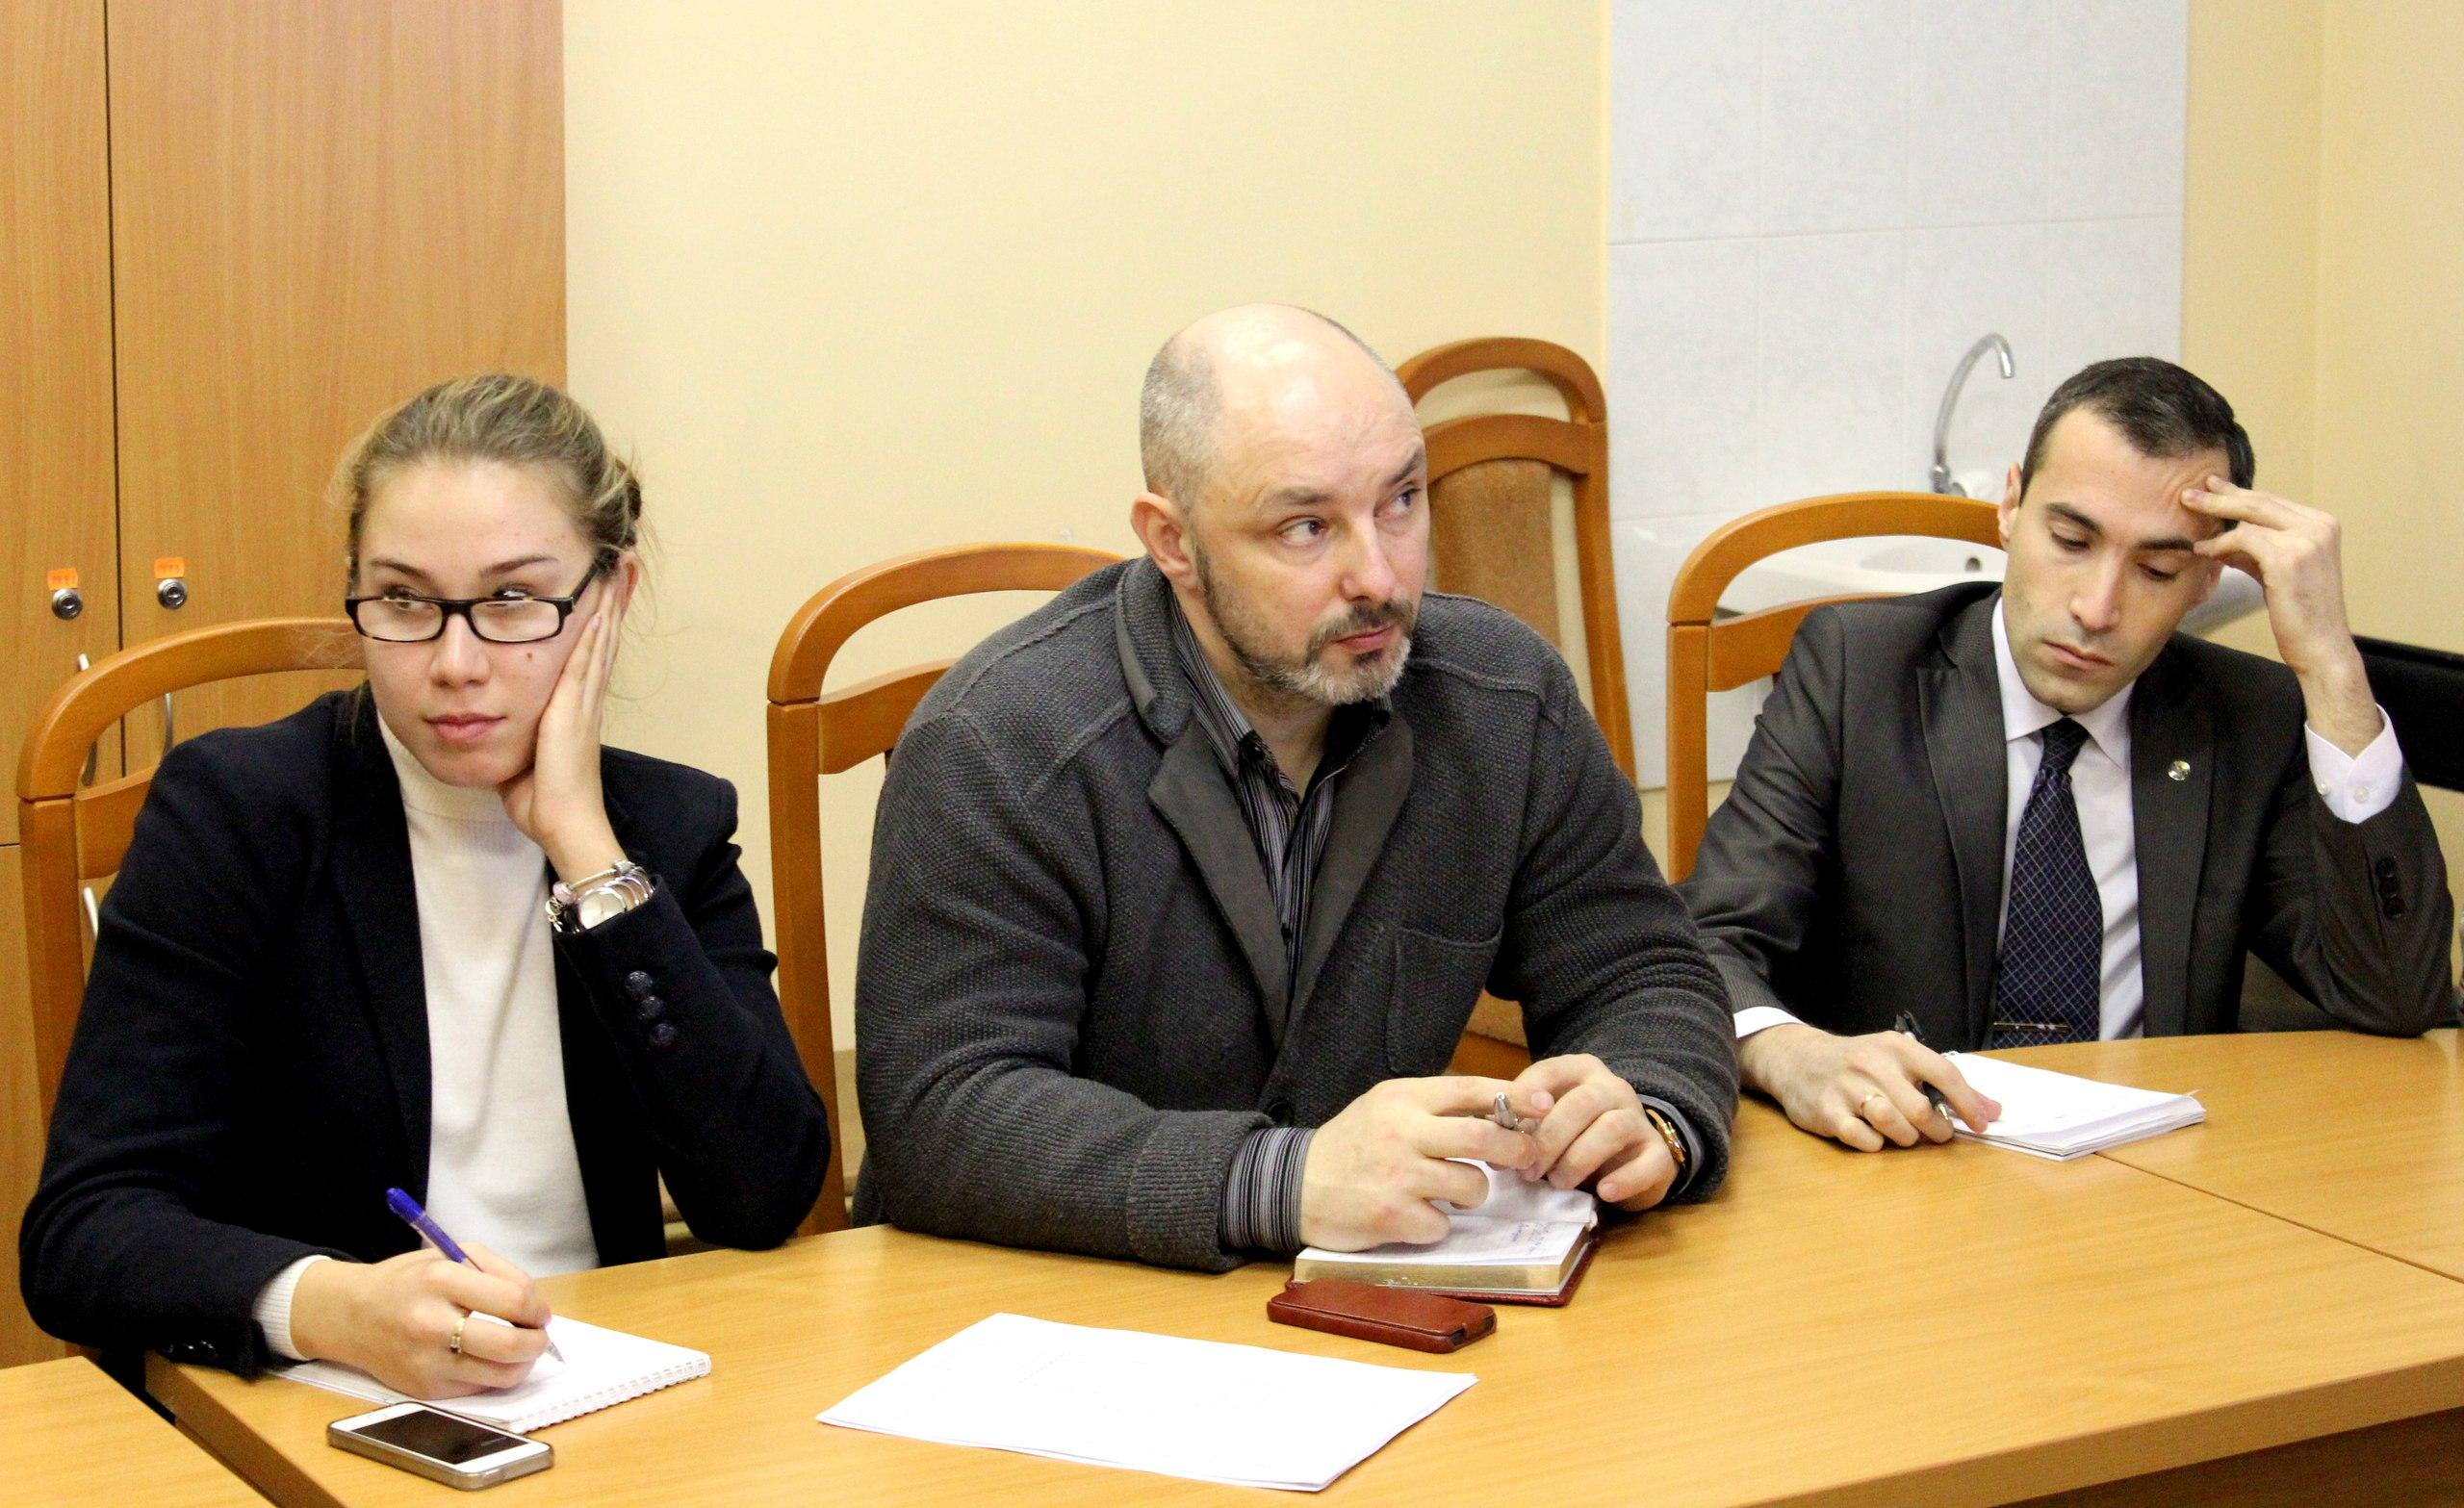 отчет председателя профкома на отчетно выборном собрании в общеобразовательной школе презентация